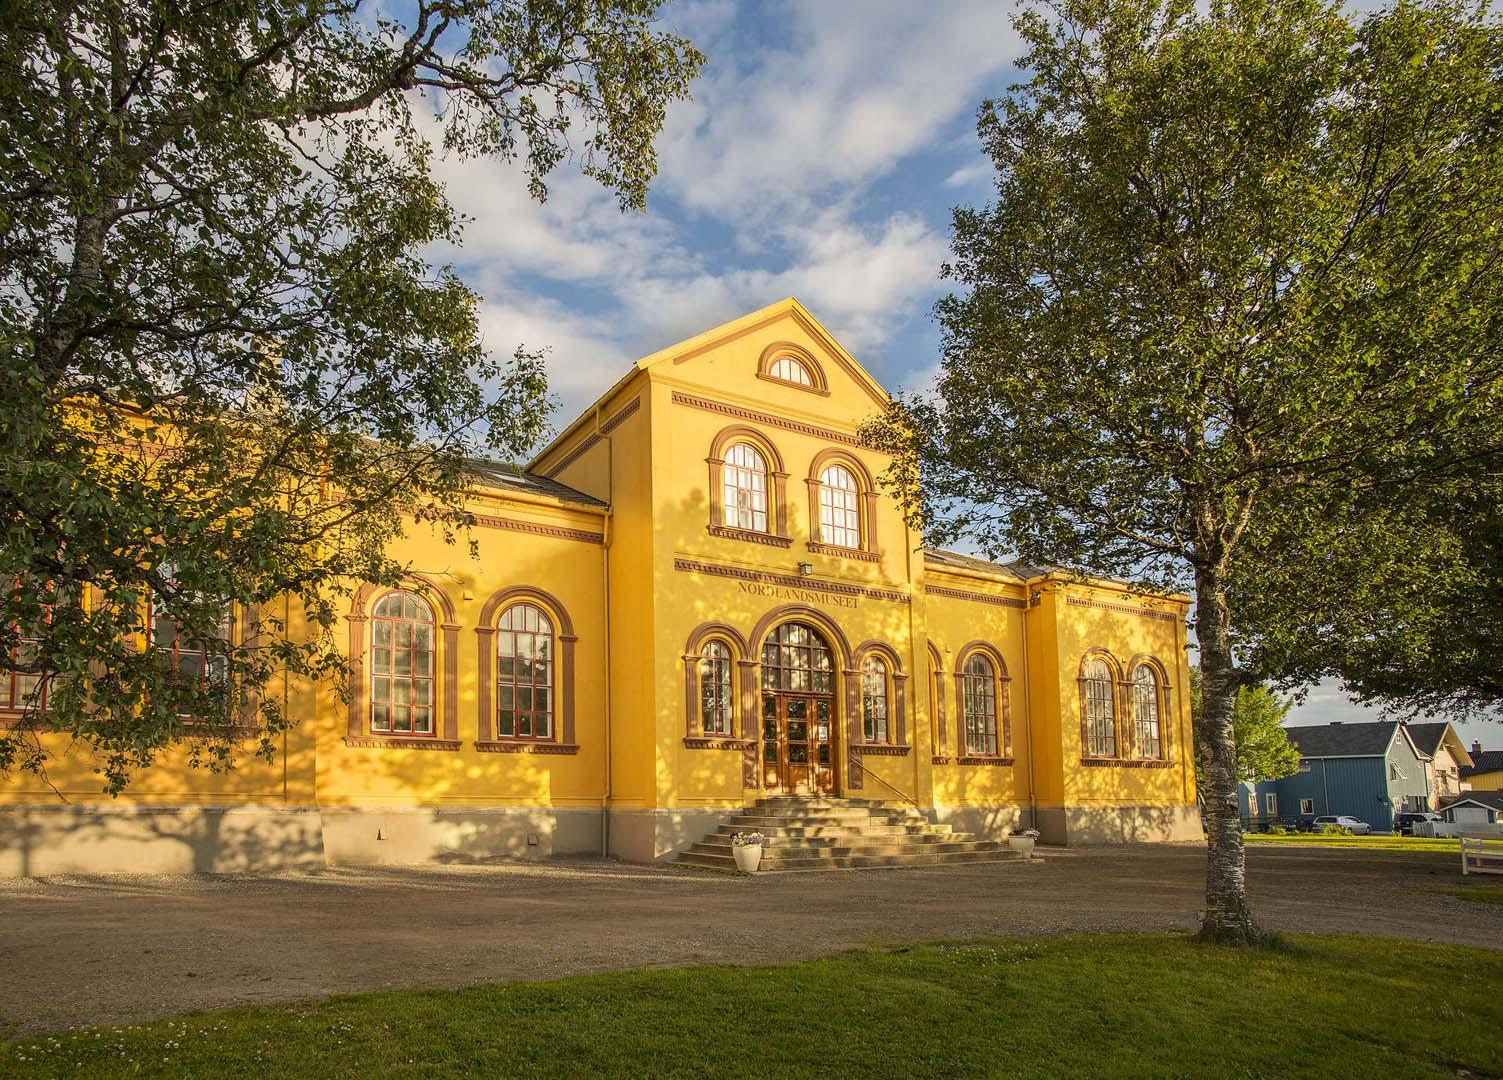 Bodø City Museum